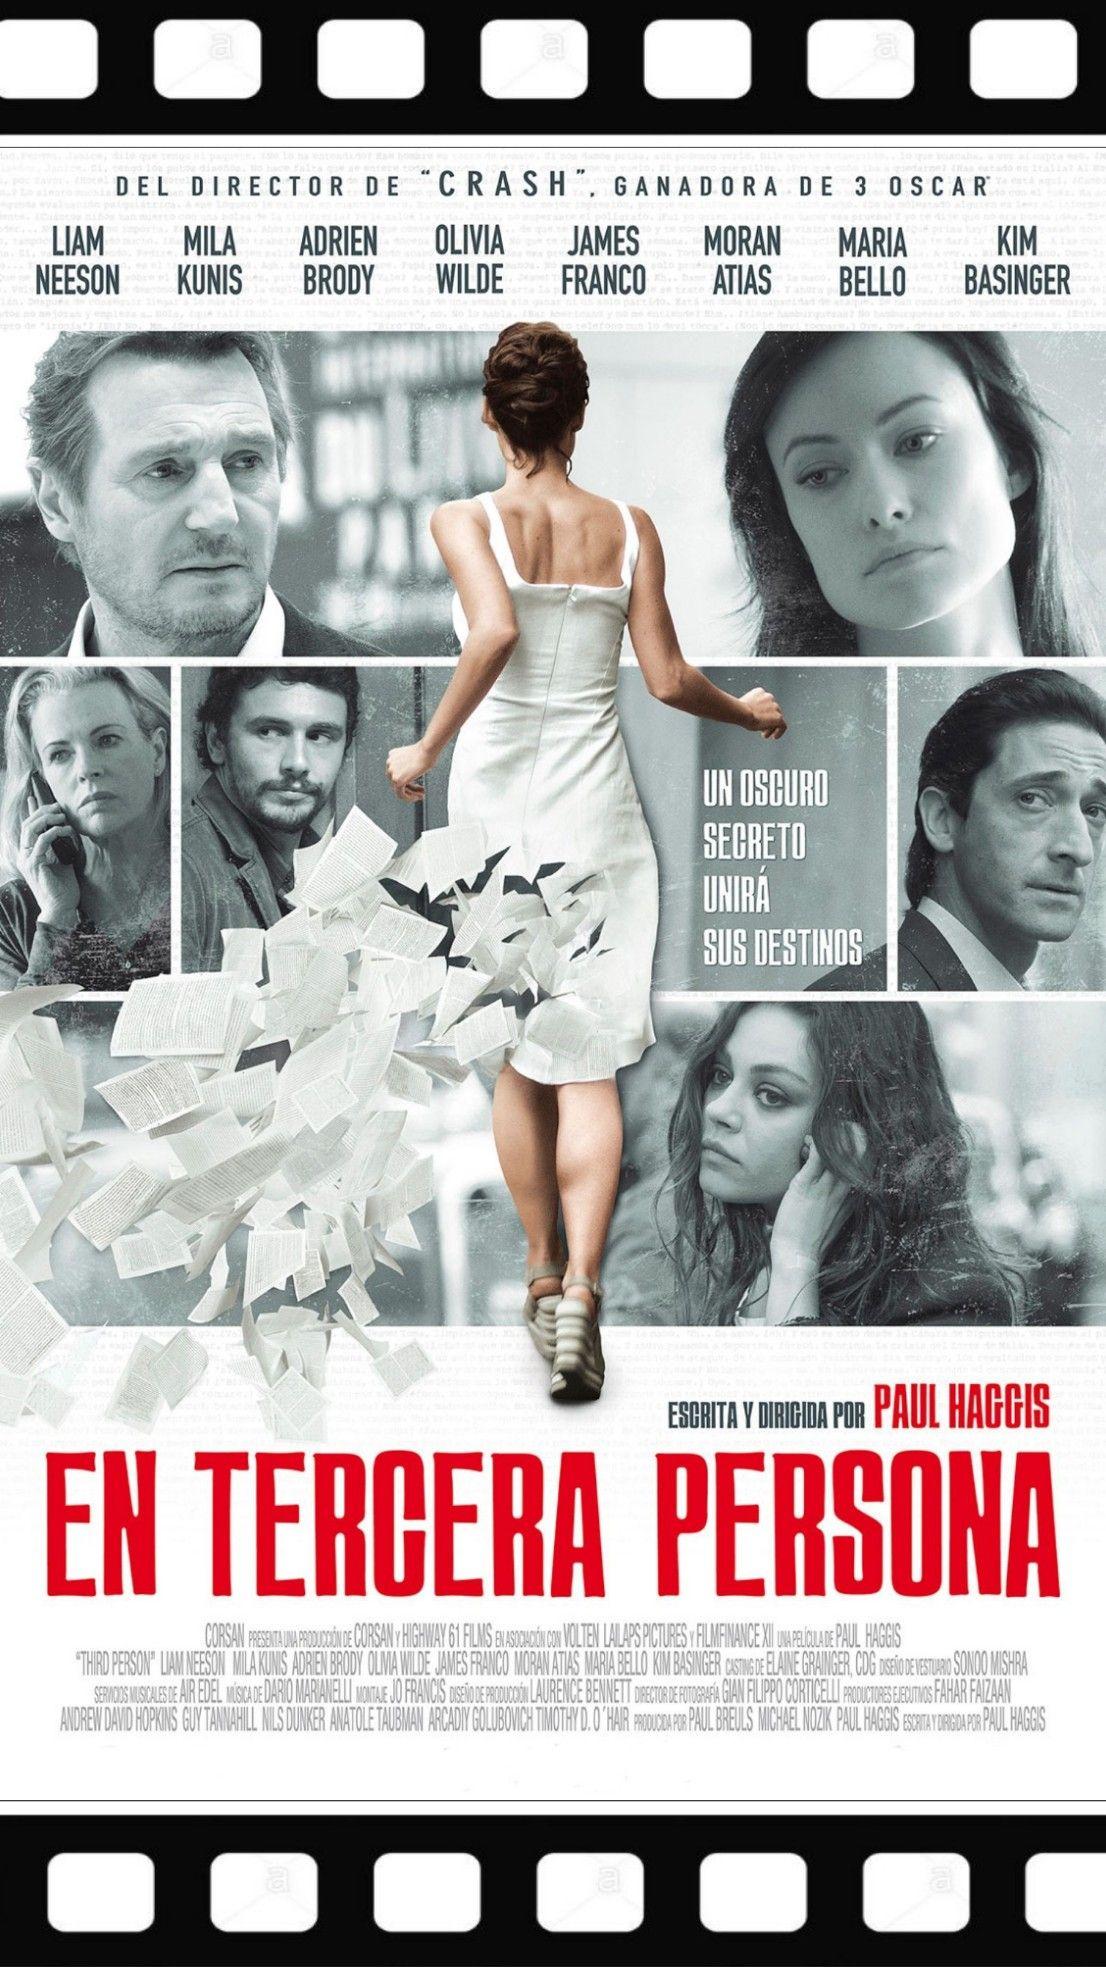 Pin De James Bond En Mis Actores Peliculas Peliculas Peliculas Gratis Peliculas Audio Latino Online